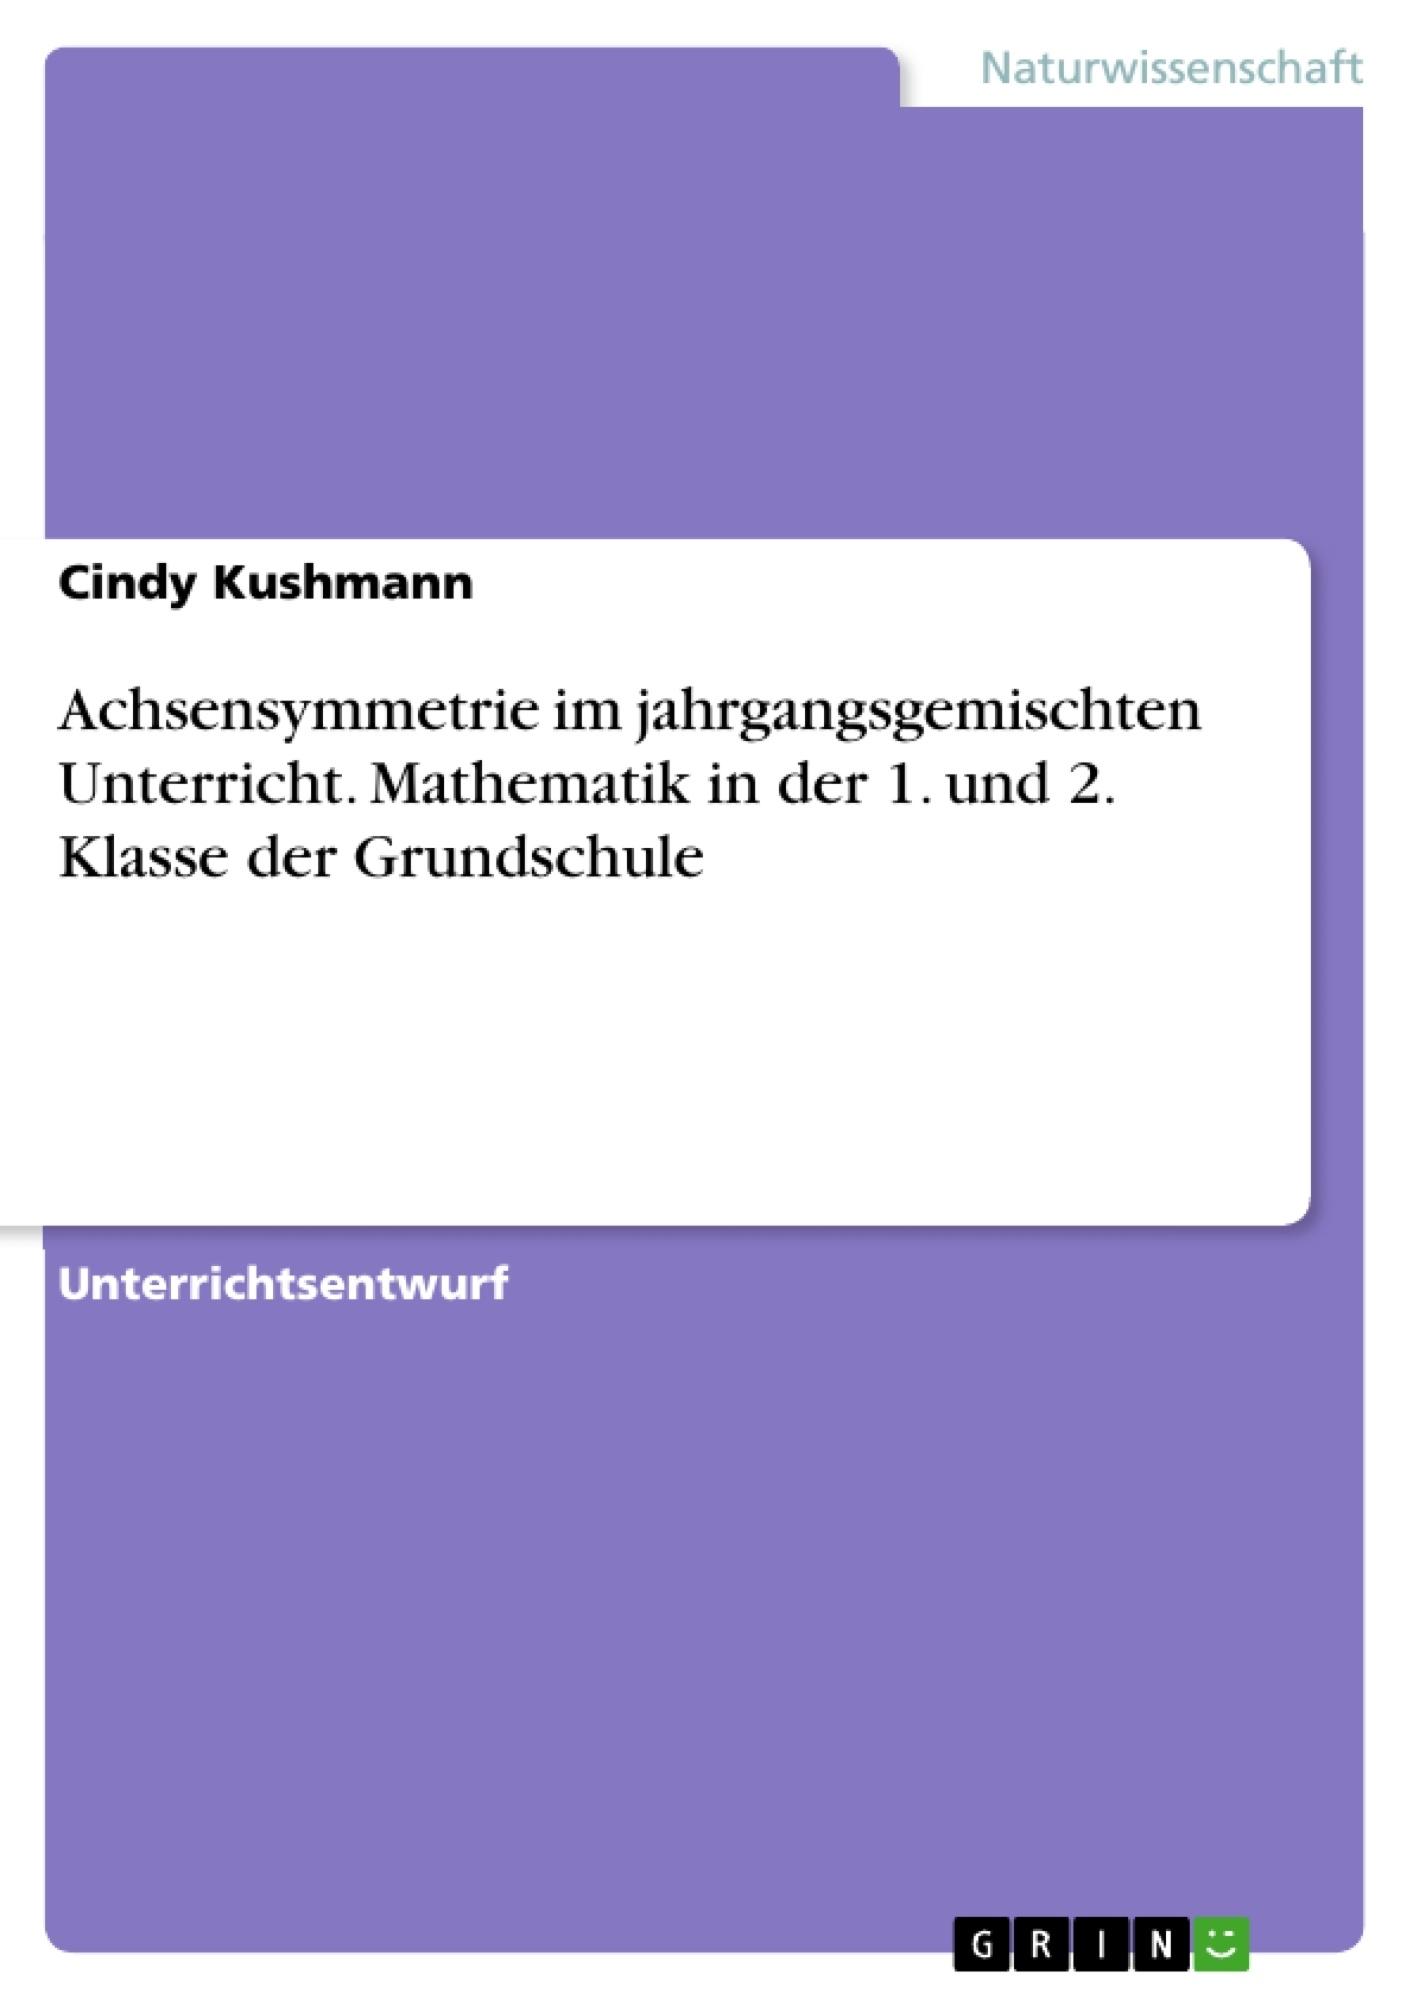 Titel: Achsensymmetrie im jahrgangsgemischten Unterricht. Mathematik in der 1. und 2. Klasse der Grundschule